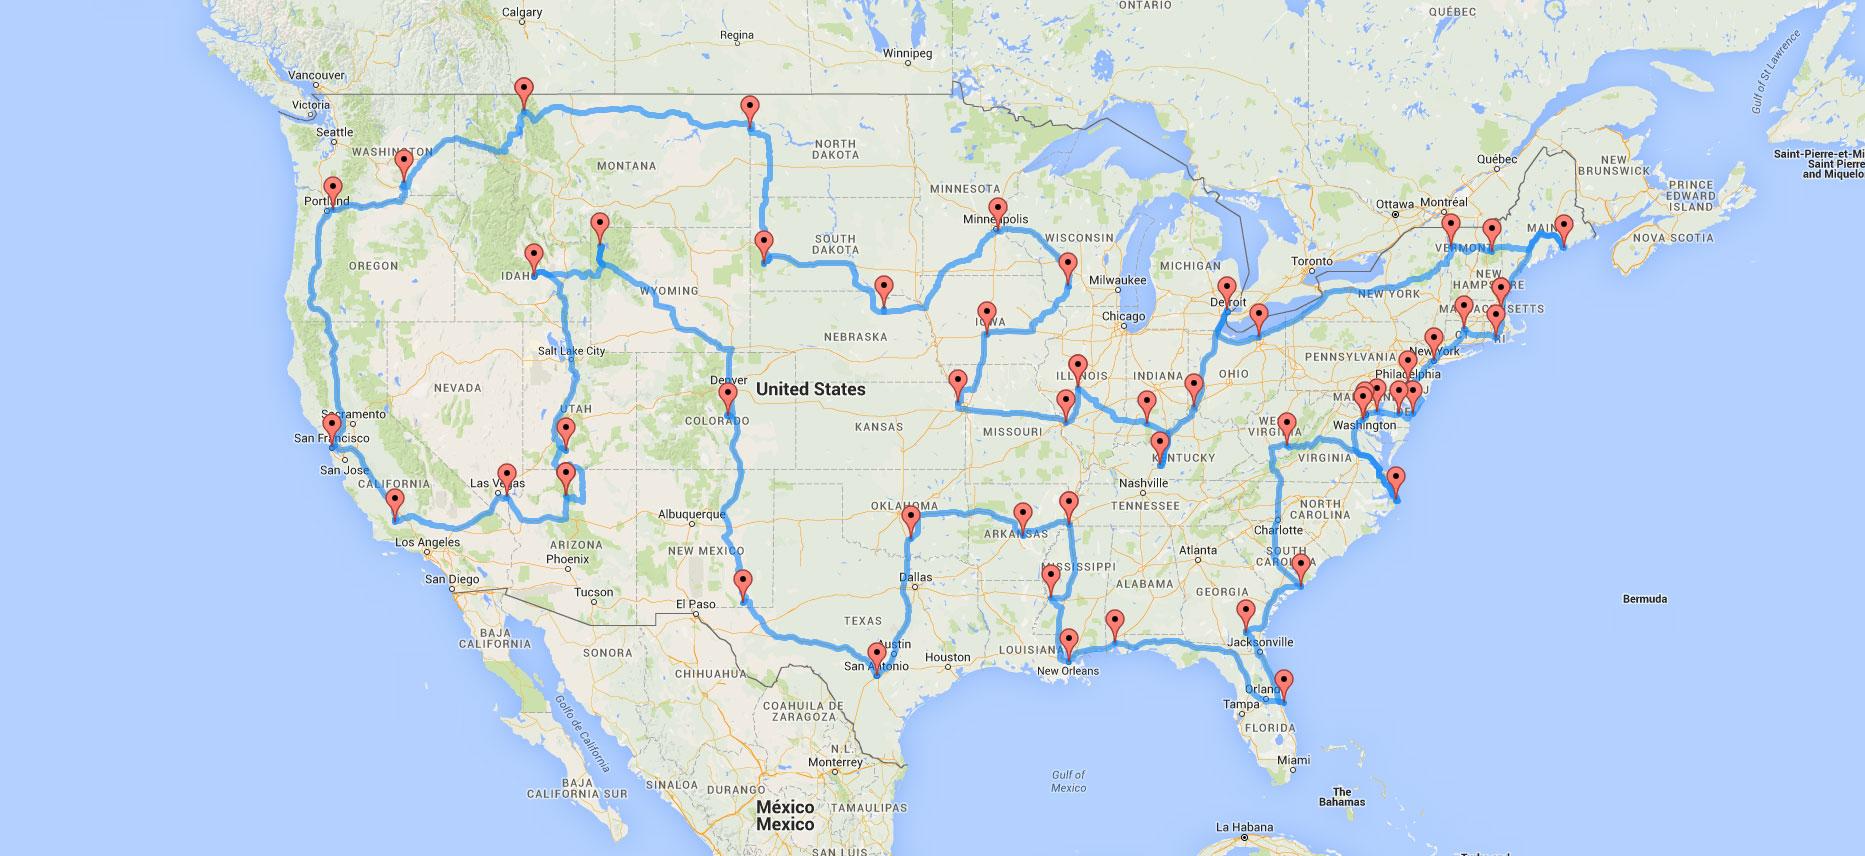 Estados Unidos y Europa, ruta en autocaravana | Todo sobre caravanas ...